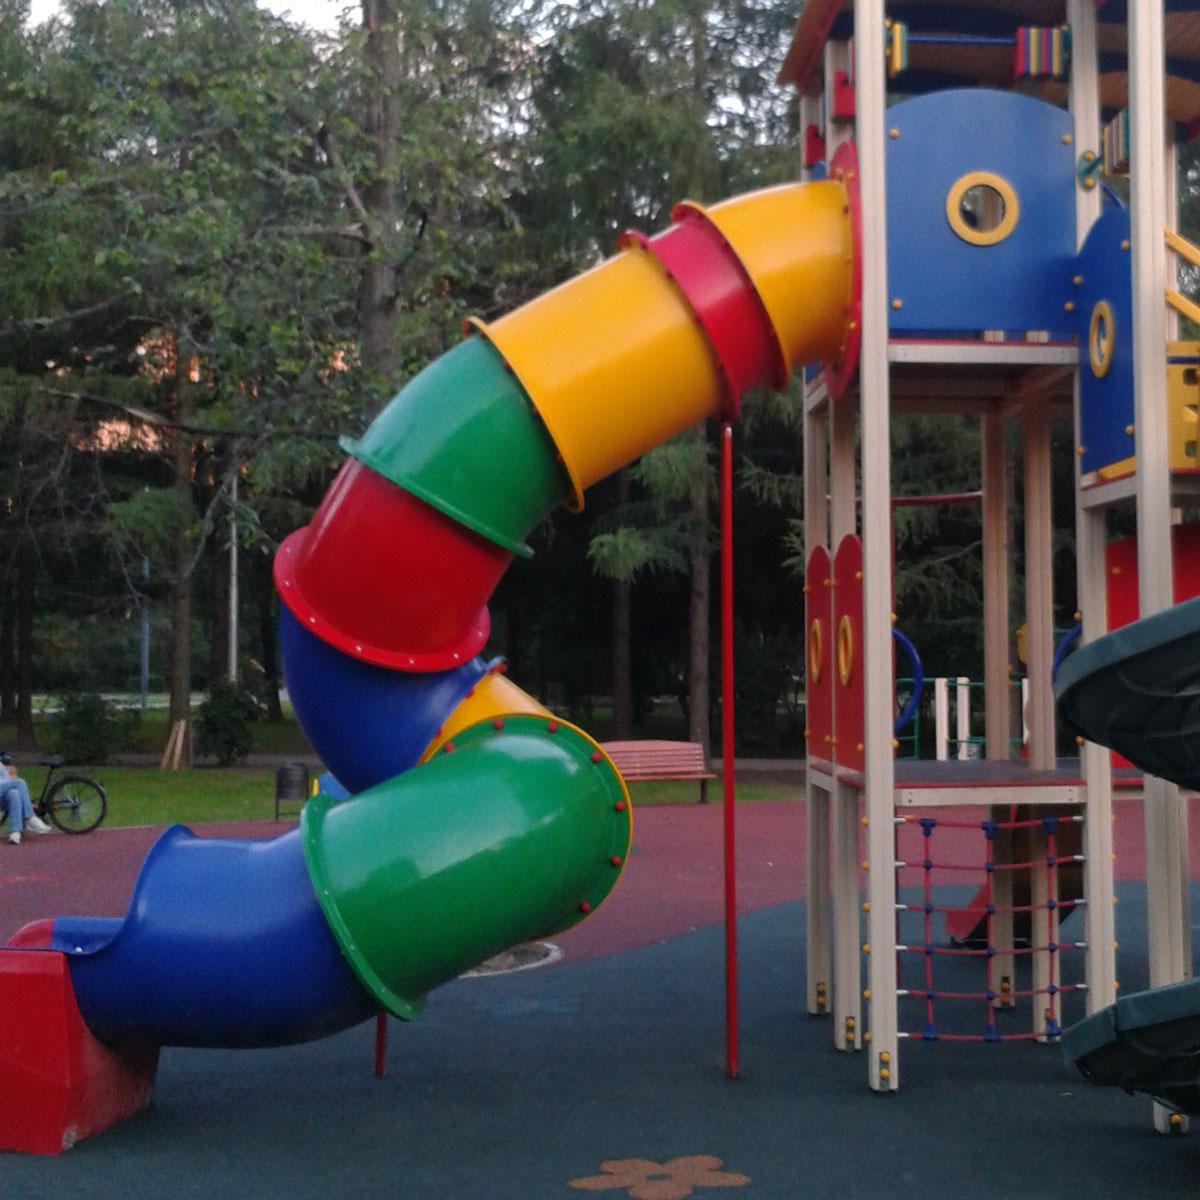 Wendelrutschbahn als Anbau an Spielplatzgeräten